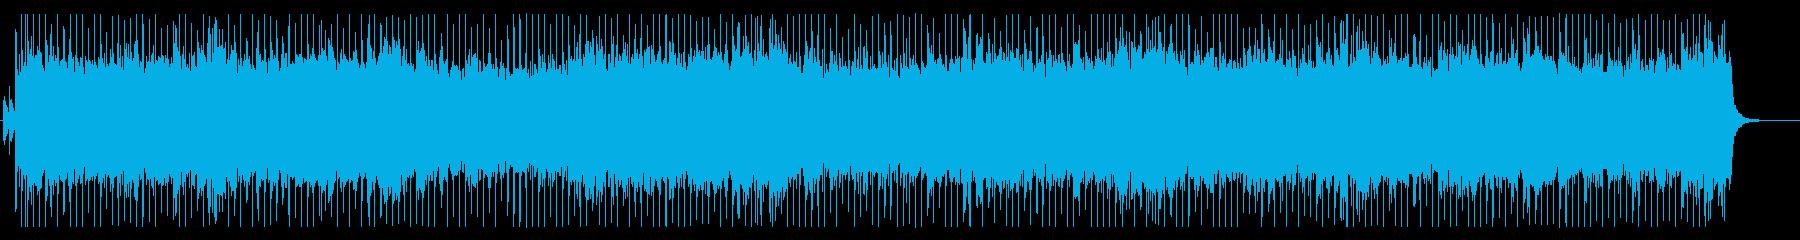 疾走感と壮大さのロックオーケストラBGMの再生済みの波形